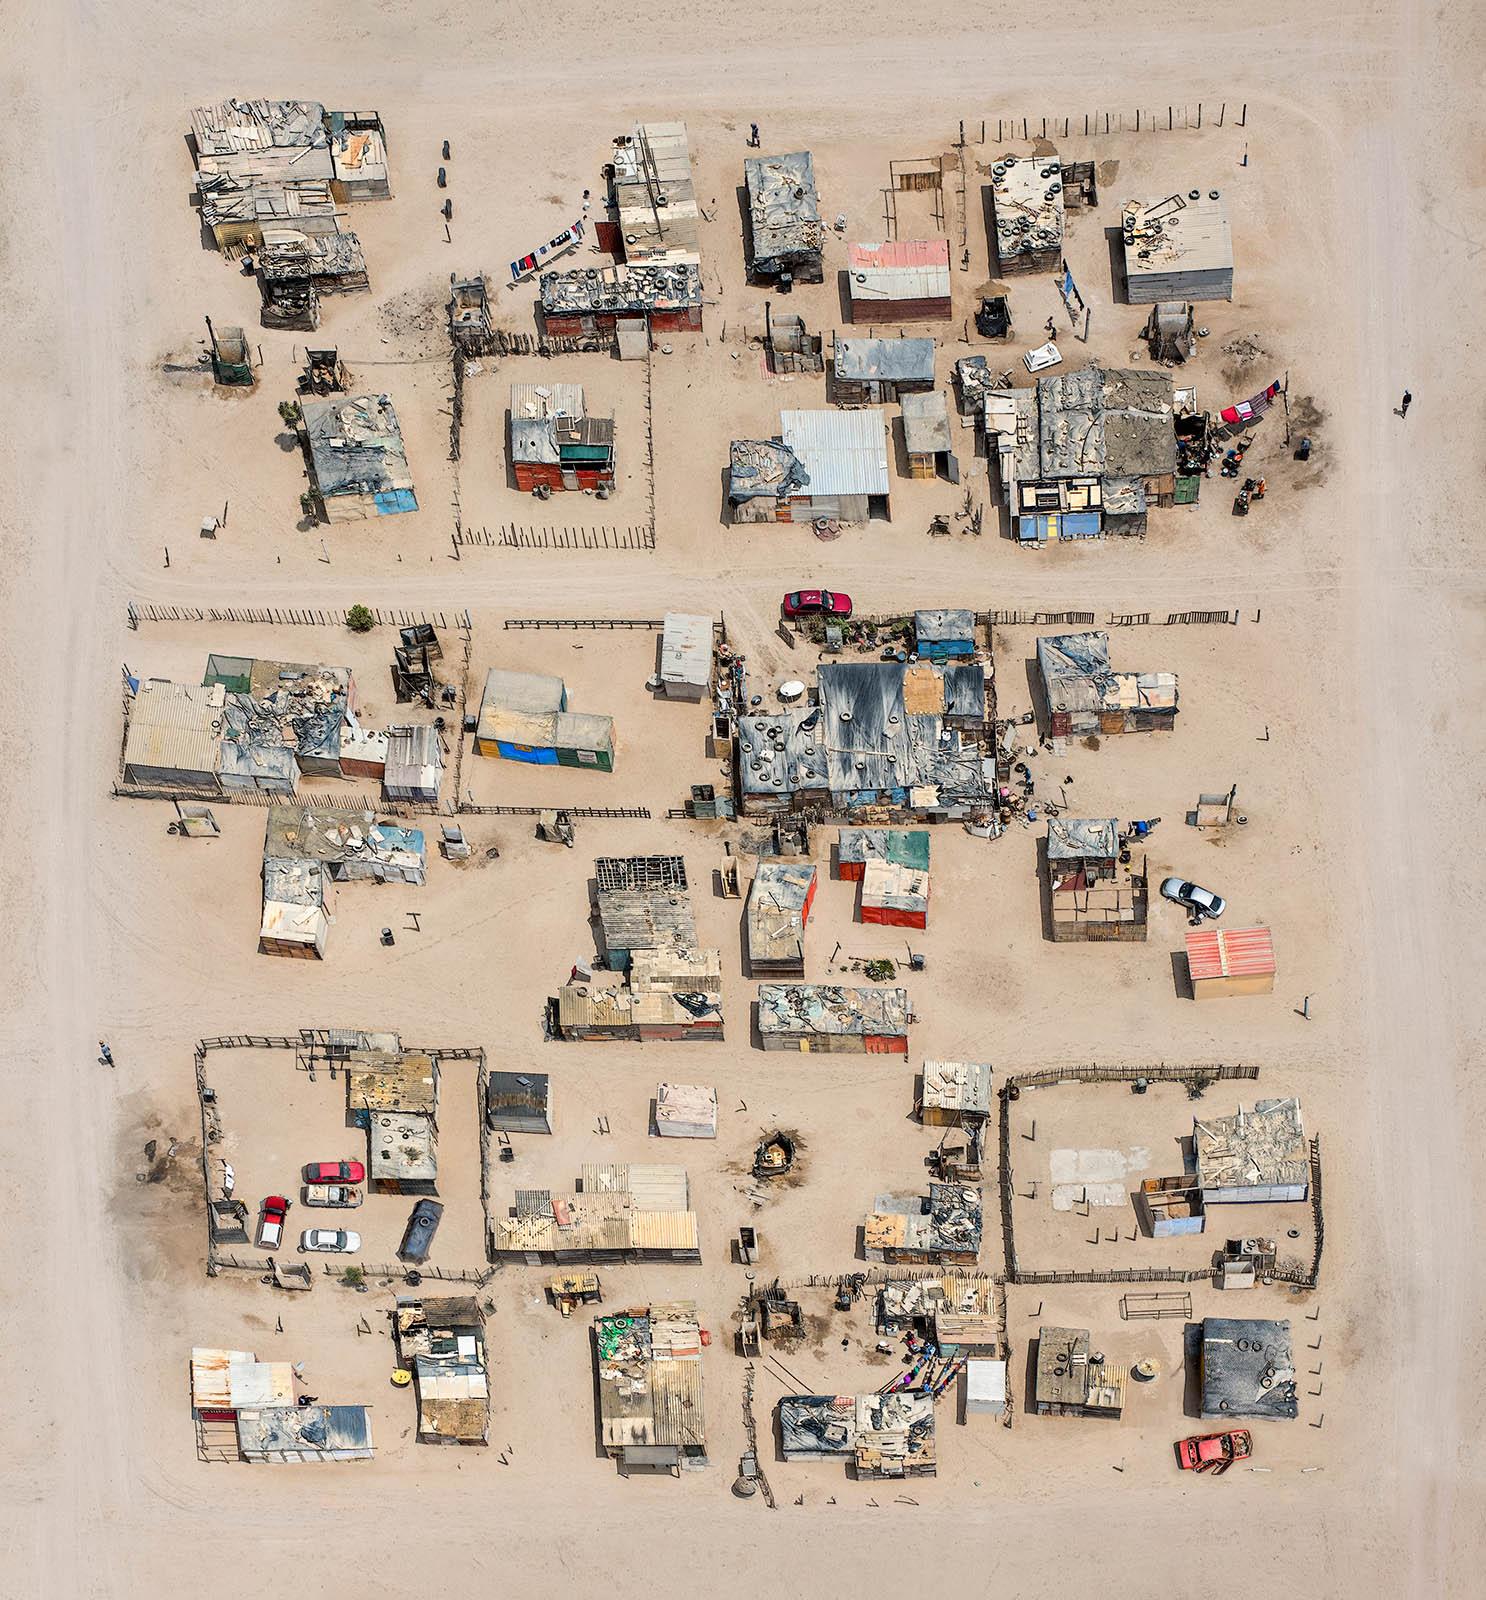 Shanty Town Swakopmund Namibia